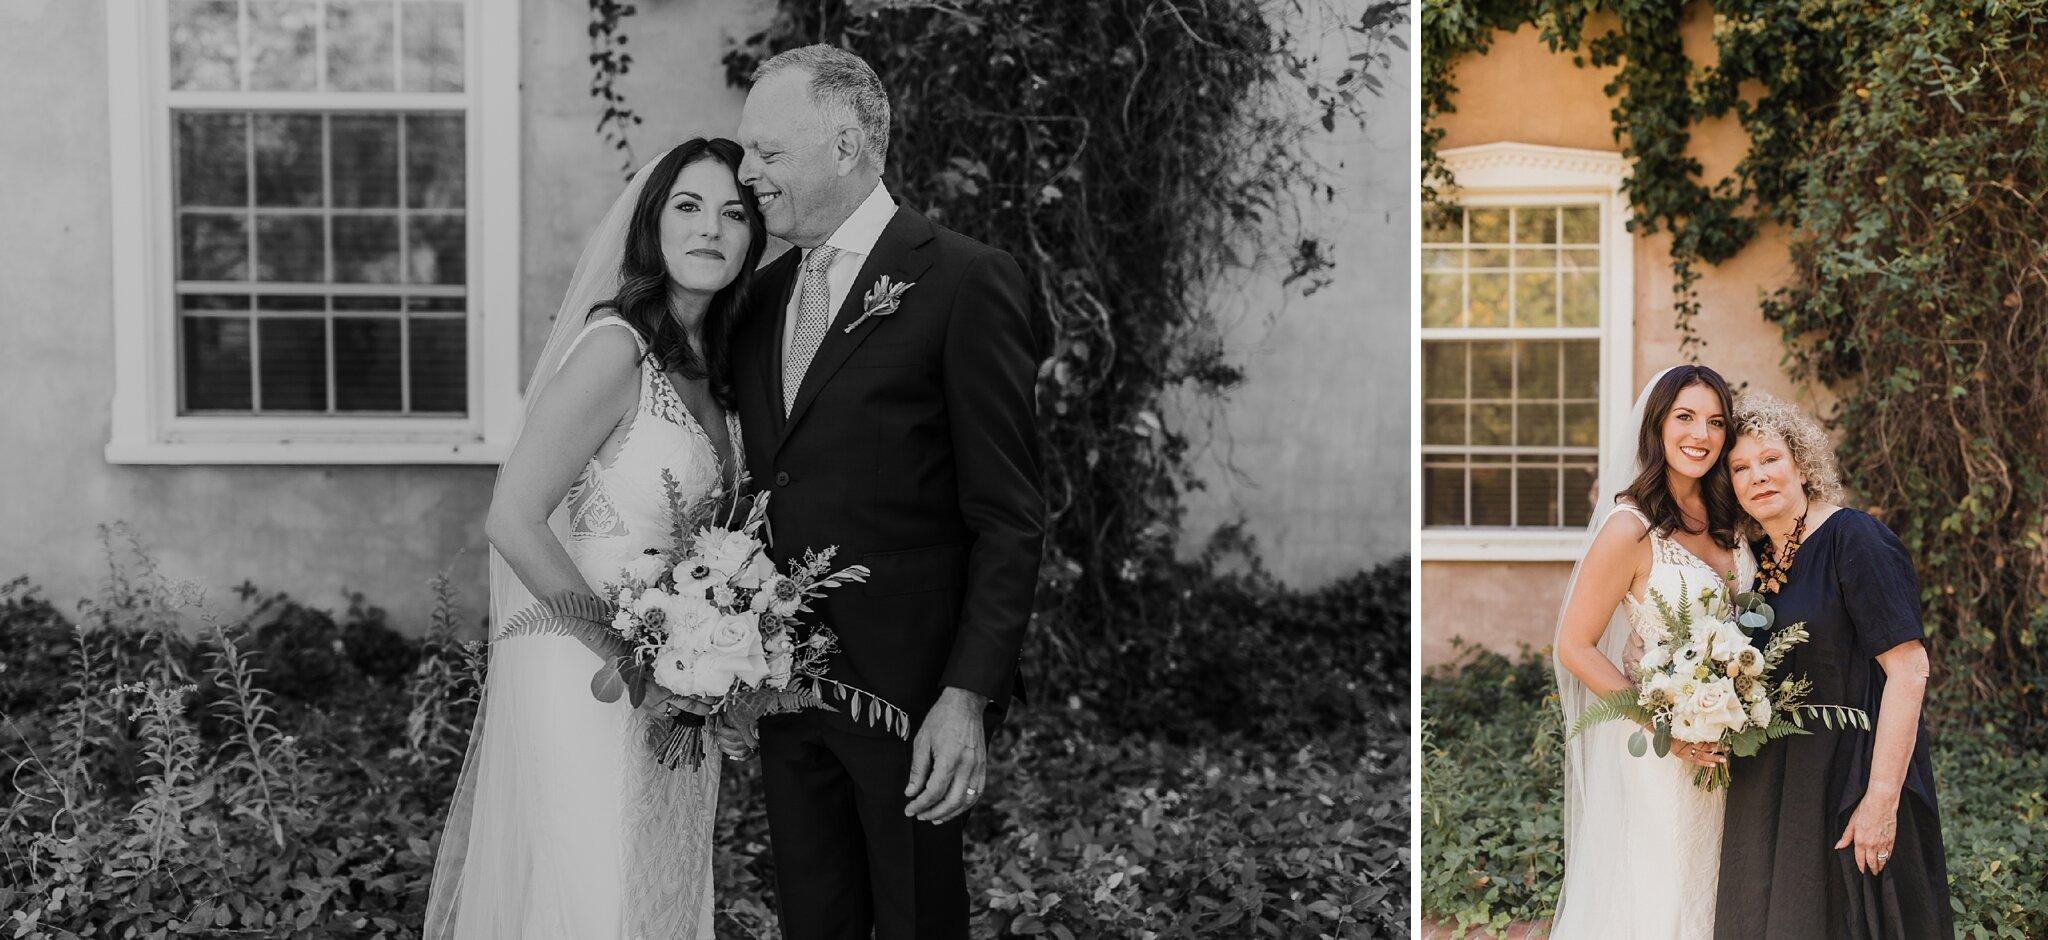 Alicia+lucia+photography+-+albuquerque+wedding+photographer+-+santa+fe+wedding+photography+-+new+mexico+wedding+photographer+-+new+mexico+wedding+-+wedding+-+albuquerque+wedding+-+los+poblanos+-+los+poblanos+wedding+-+fall+wedding_0071.jpg